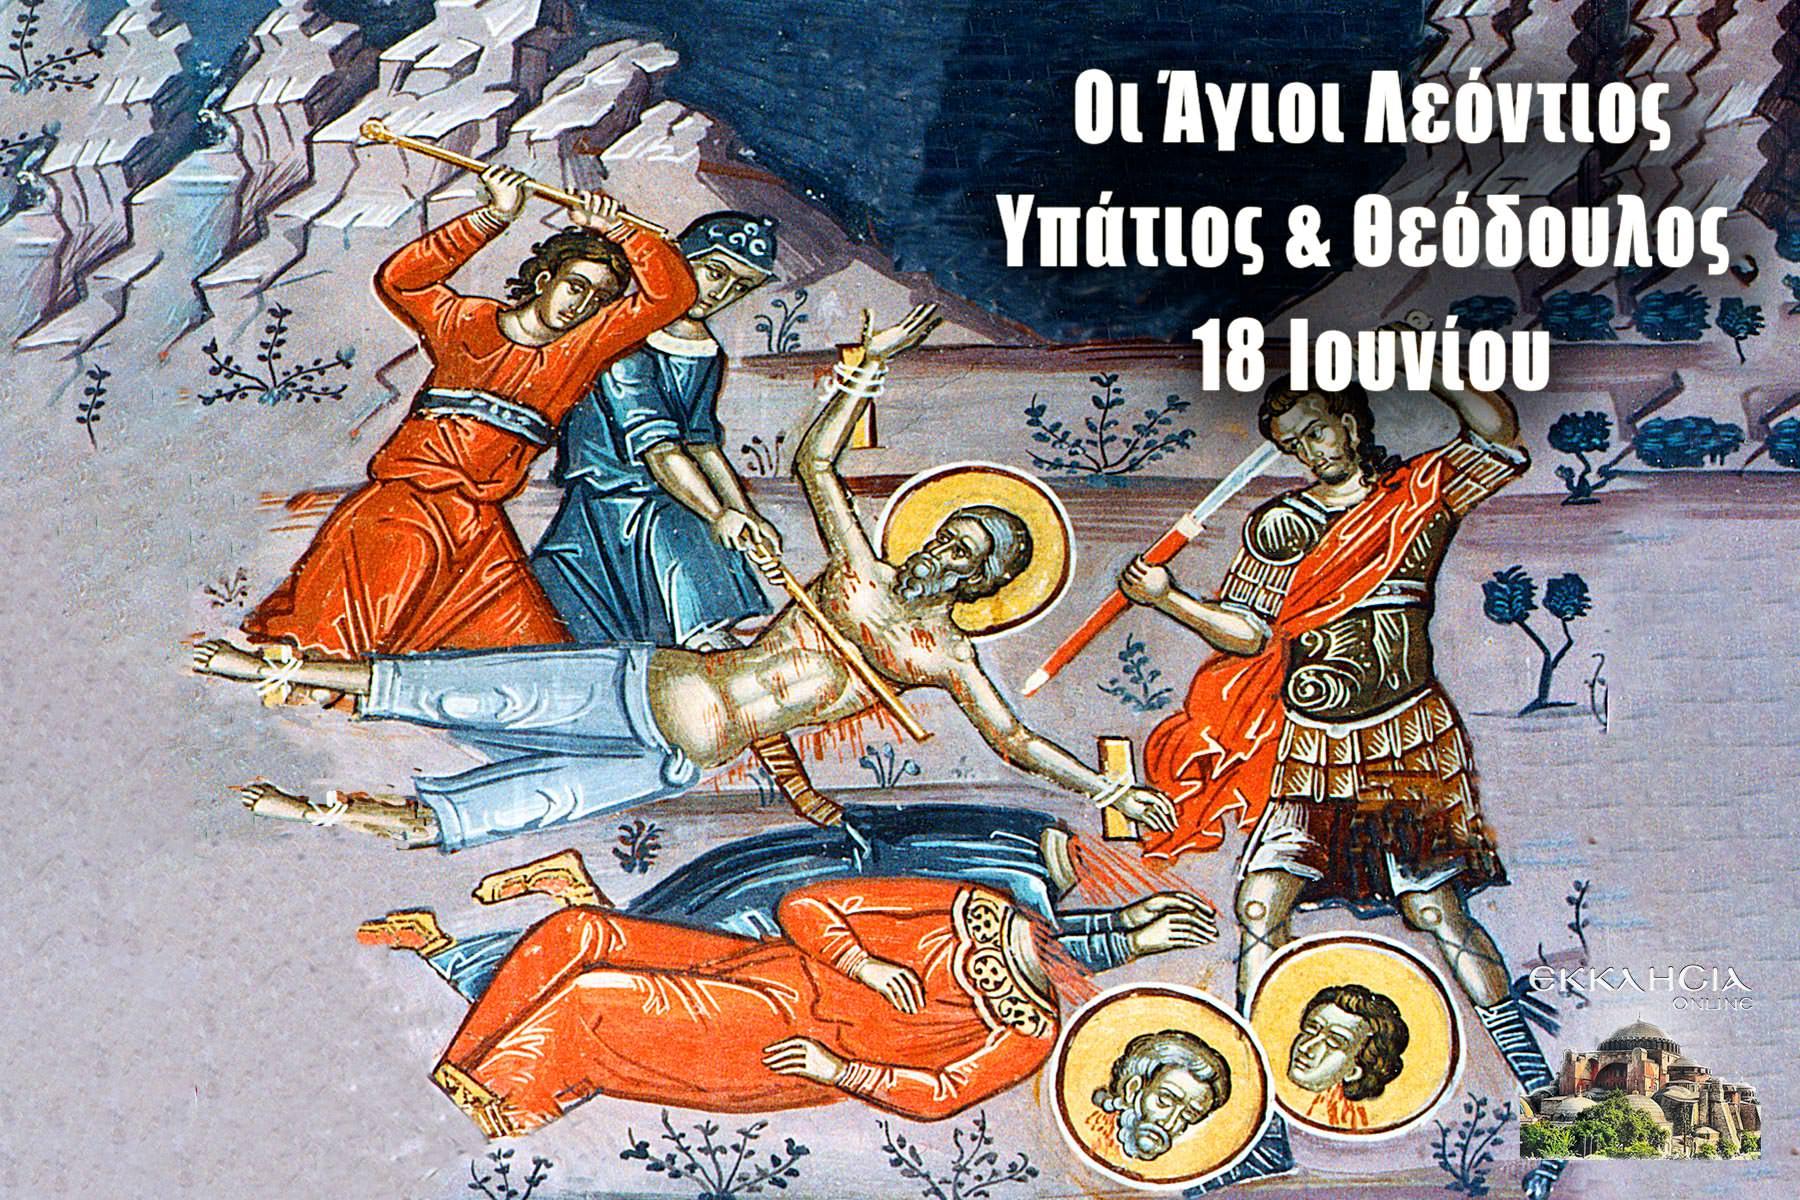 Άγιοι Λεόντιος Υπάτιος και Θεόδουλος 18 Ιουνίου